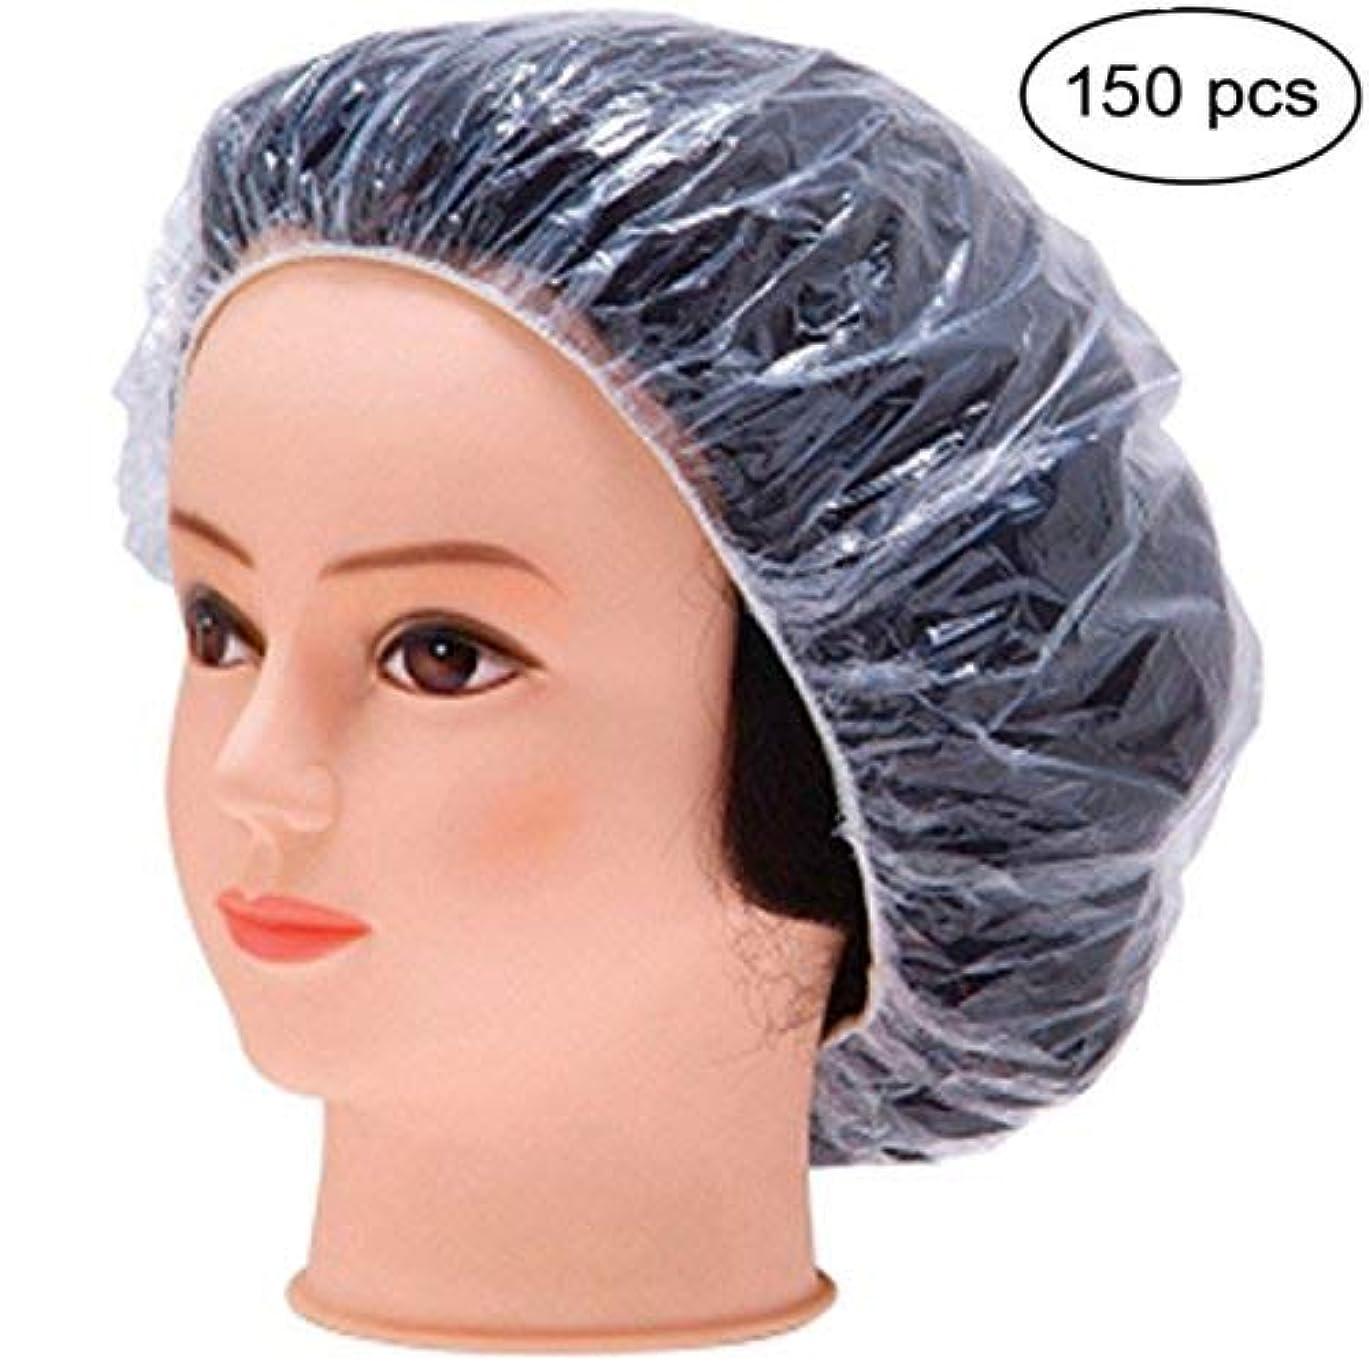 スポット机カップル使い捨て シャワーキャップ 150枚入り プロワーク ヘアキャップ 防水透明プラスチック製シャワーキャップ 、弾性の水浴帽子、加工帽子、女性の美容帽ダストハットスパ、ヘアサロン、ホームユースホテル等で使用